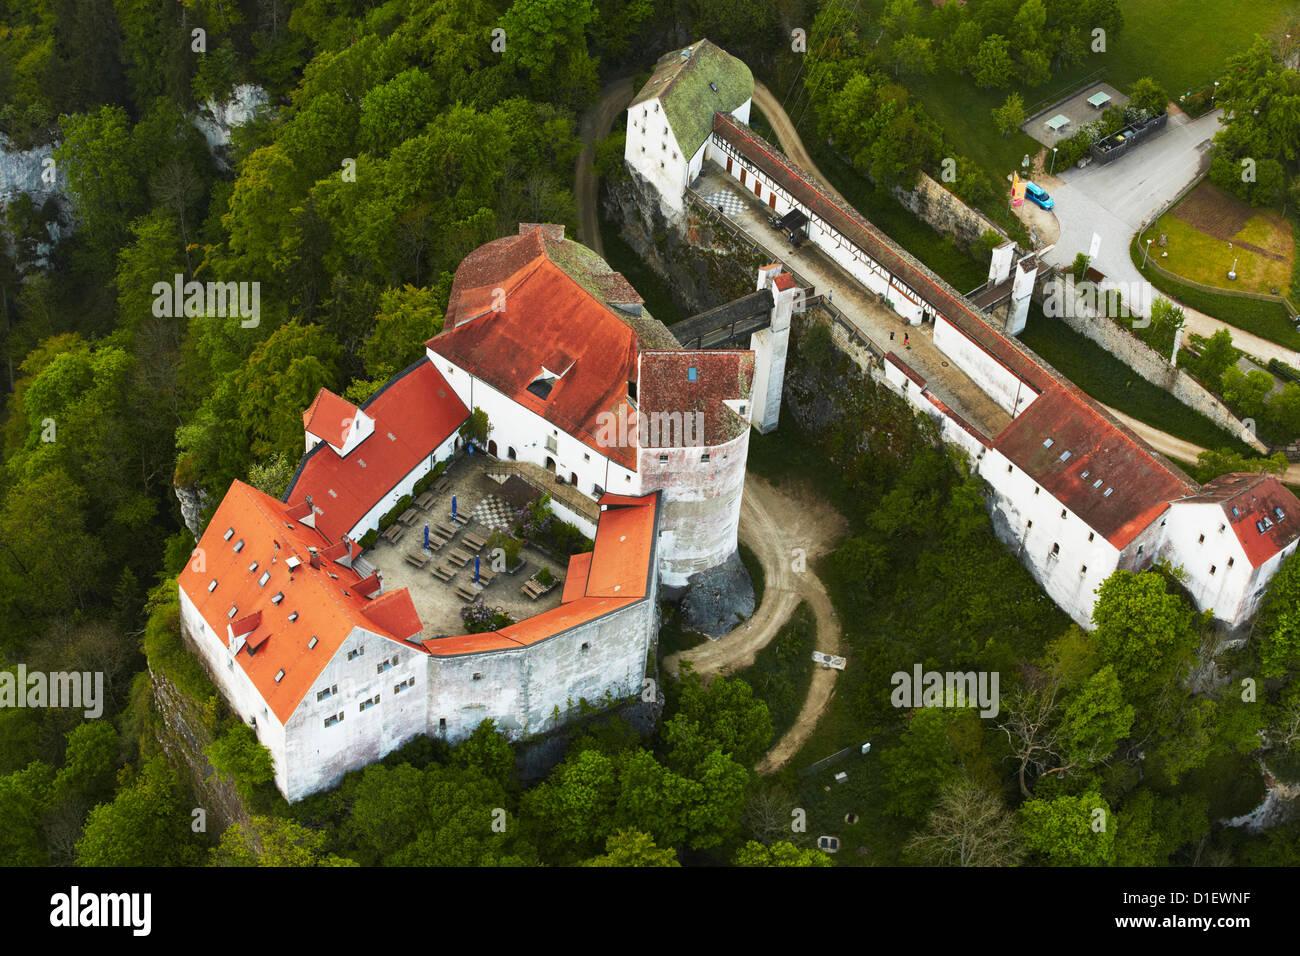 Il castello di Wildenstein, Sigmaringen, Germania, foto aeree Immagini Stock